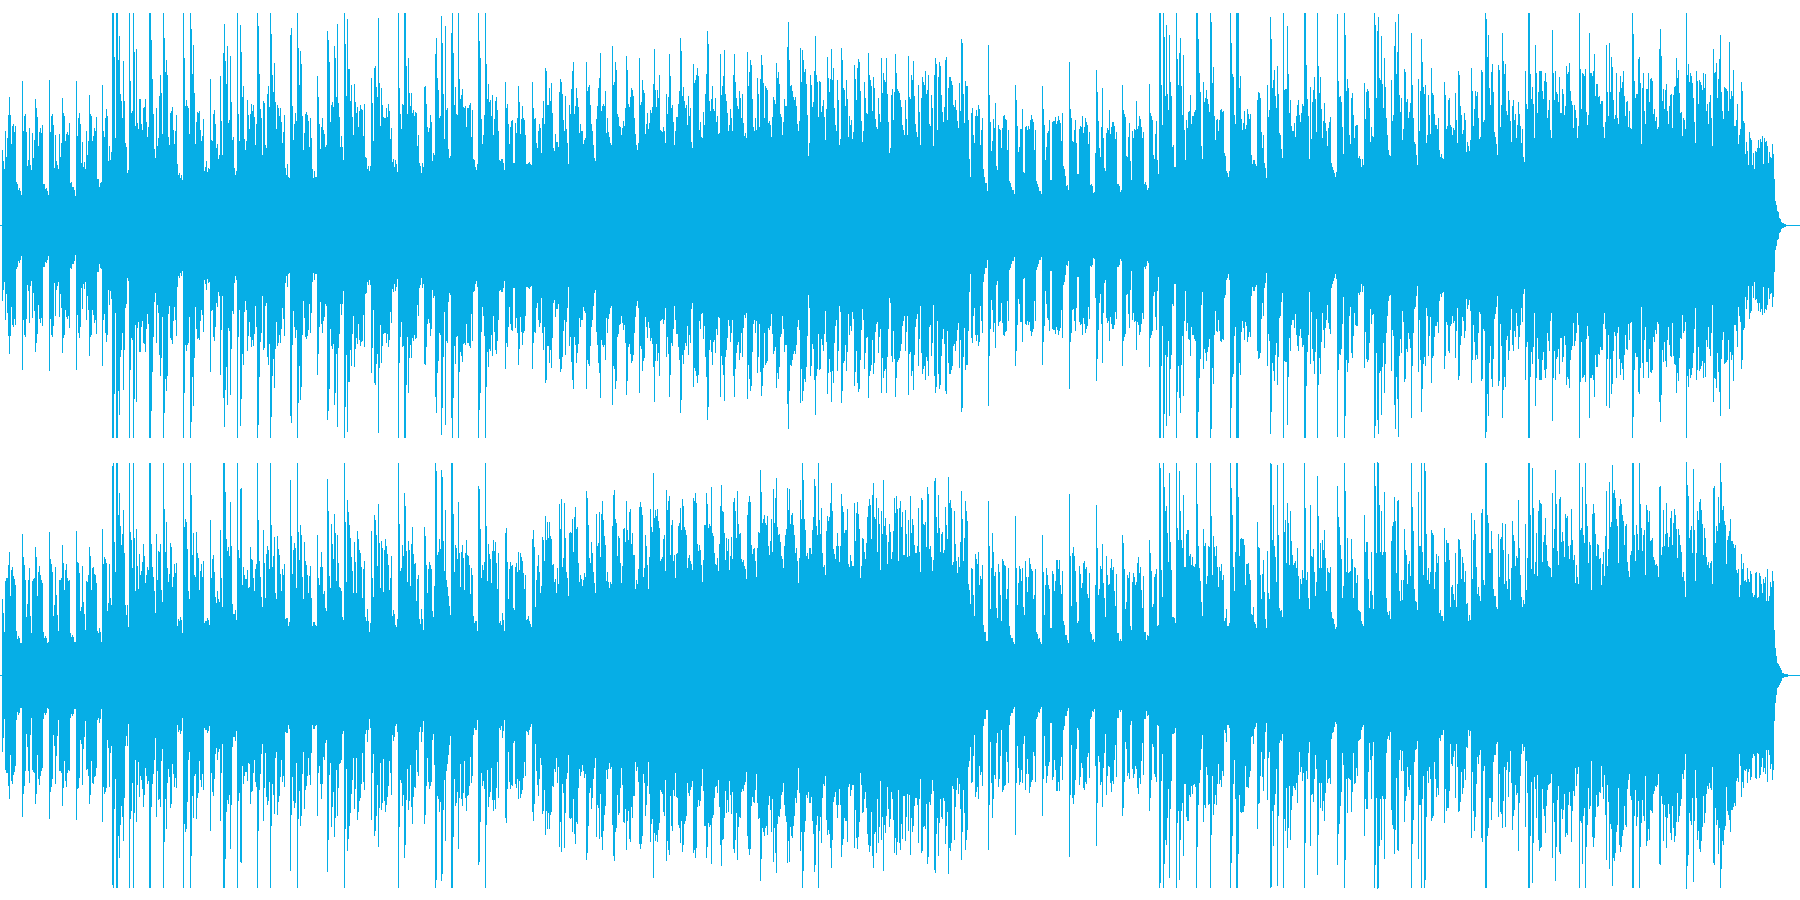 サスペンス,ホラー,ピアノやオルゴールの再生済みの波形